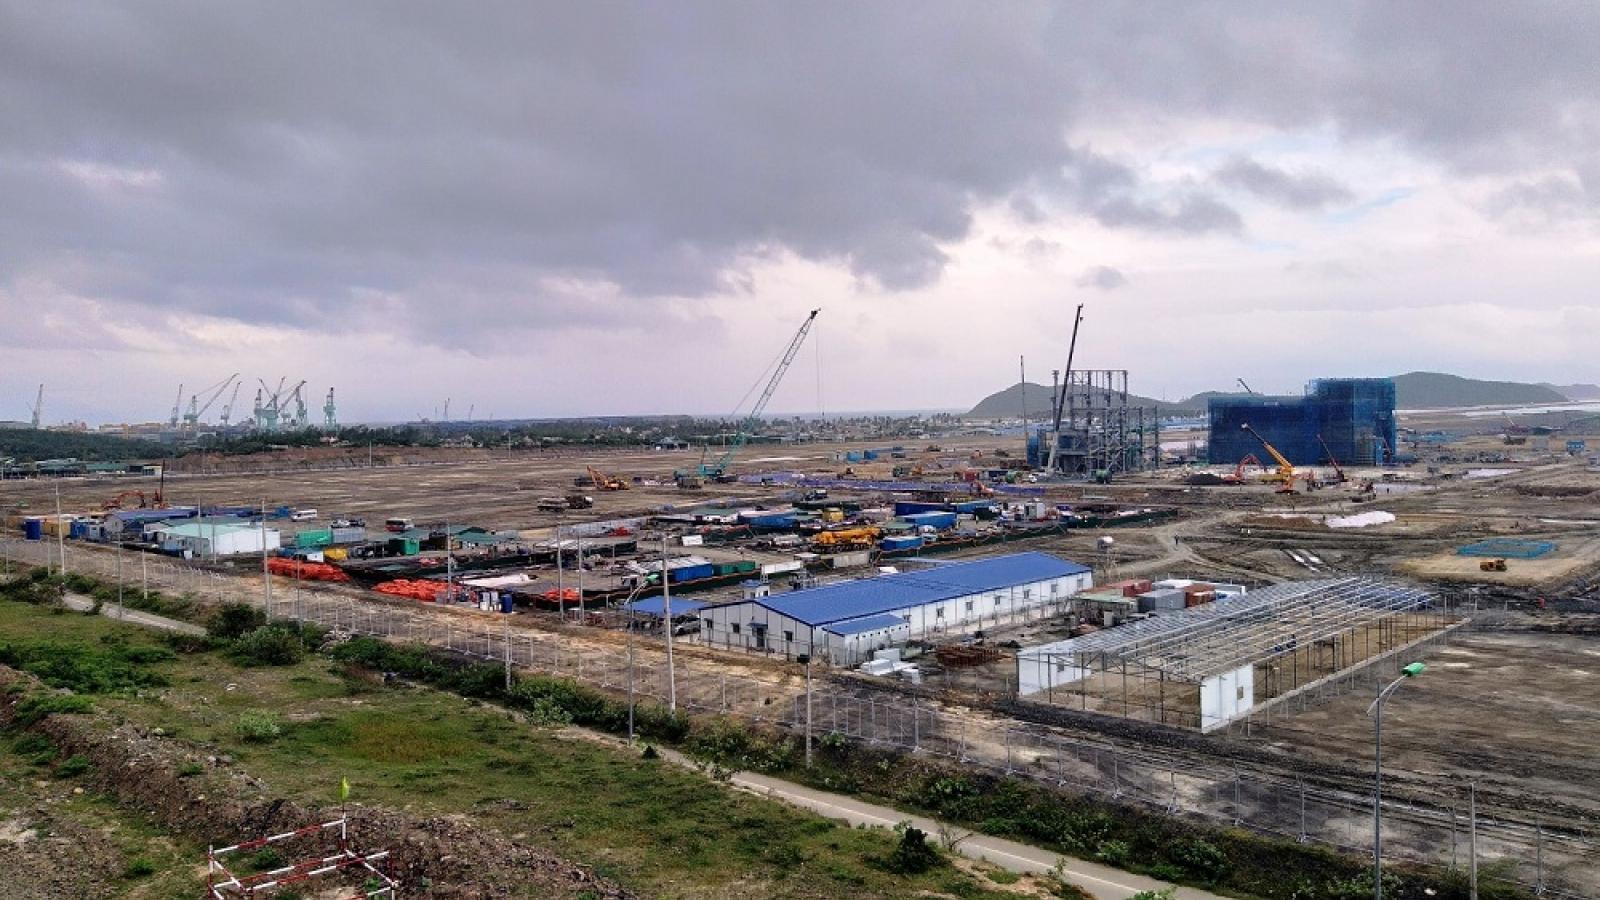 Đẩy nhanh quy hoạch để thu hút các dự án công nghiệp lớn vào Khu Kinh tế Vân Phong